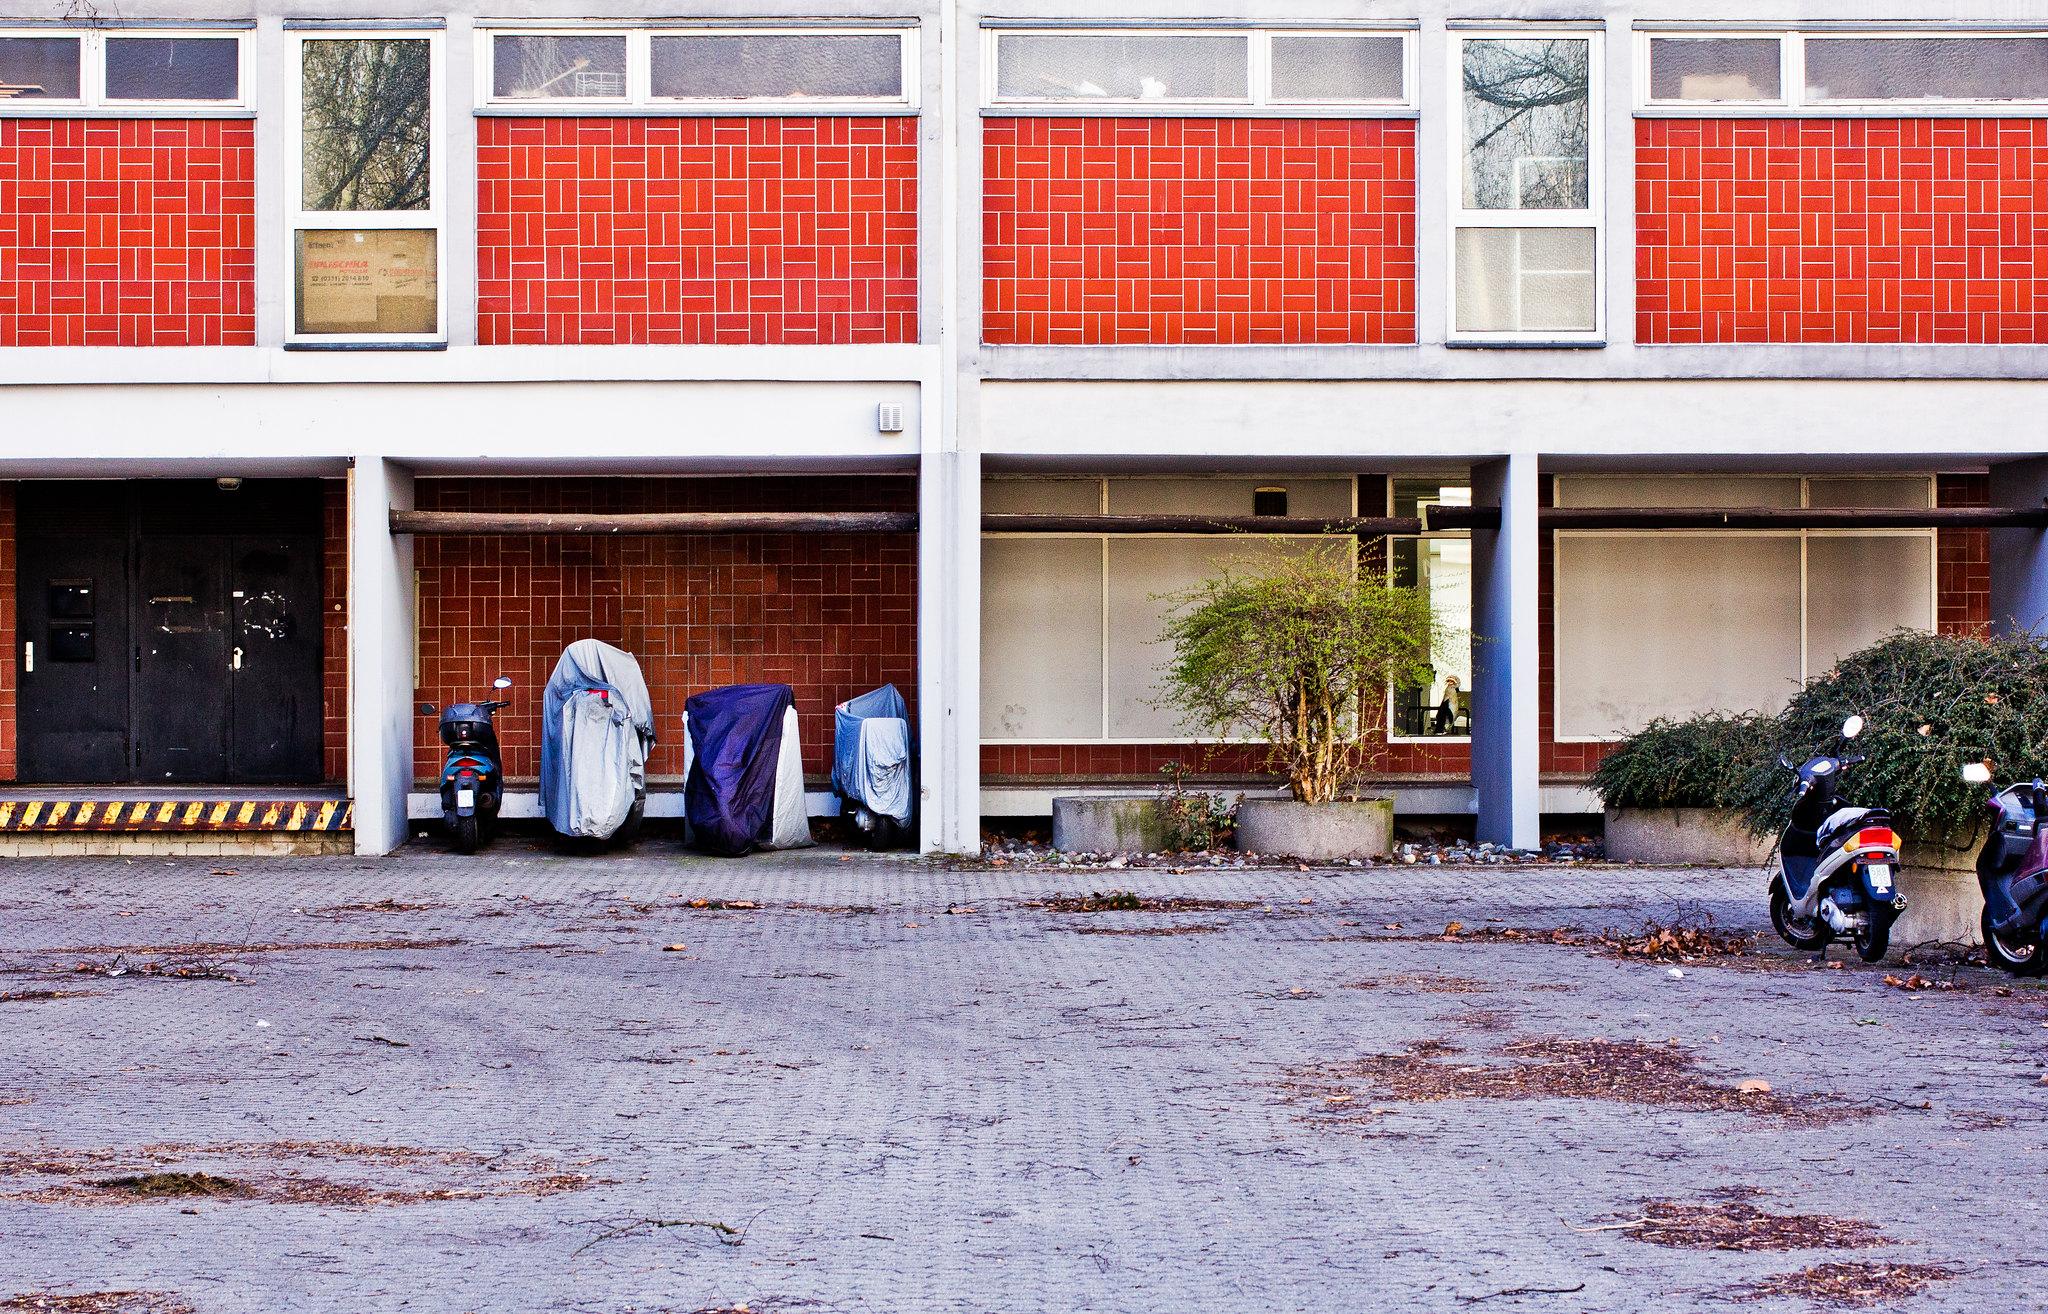 bartningallee 2-4  // hansaviertel berlin